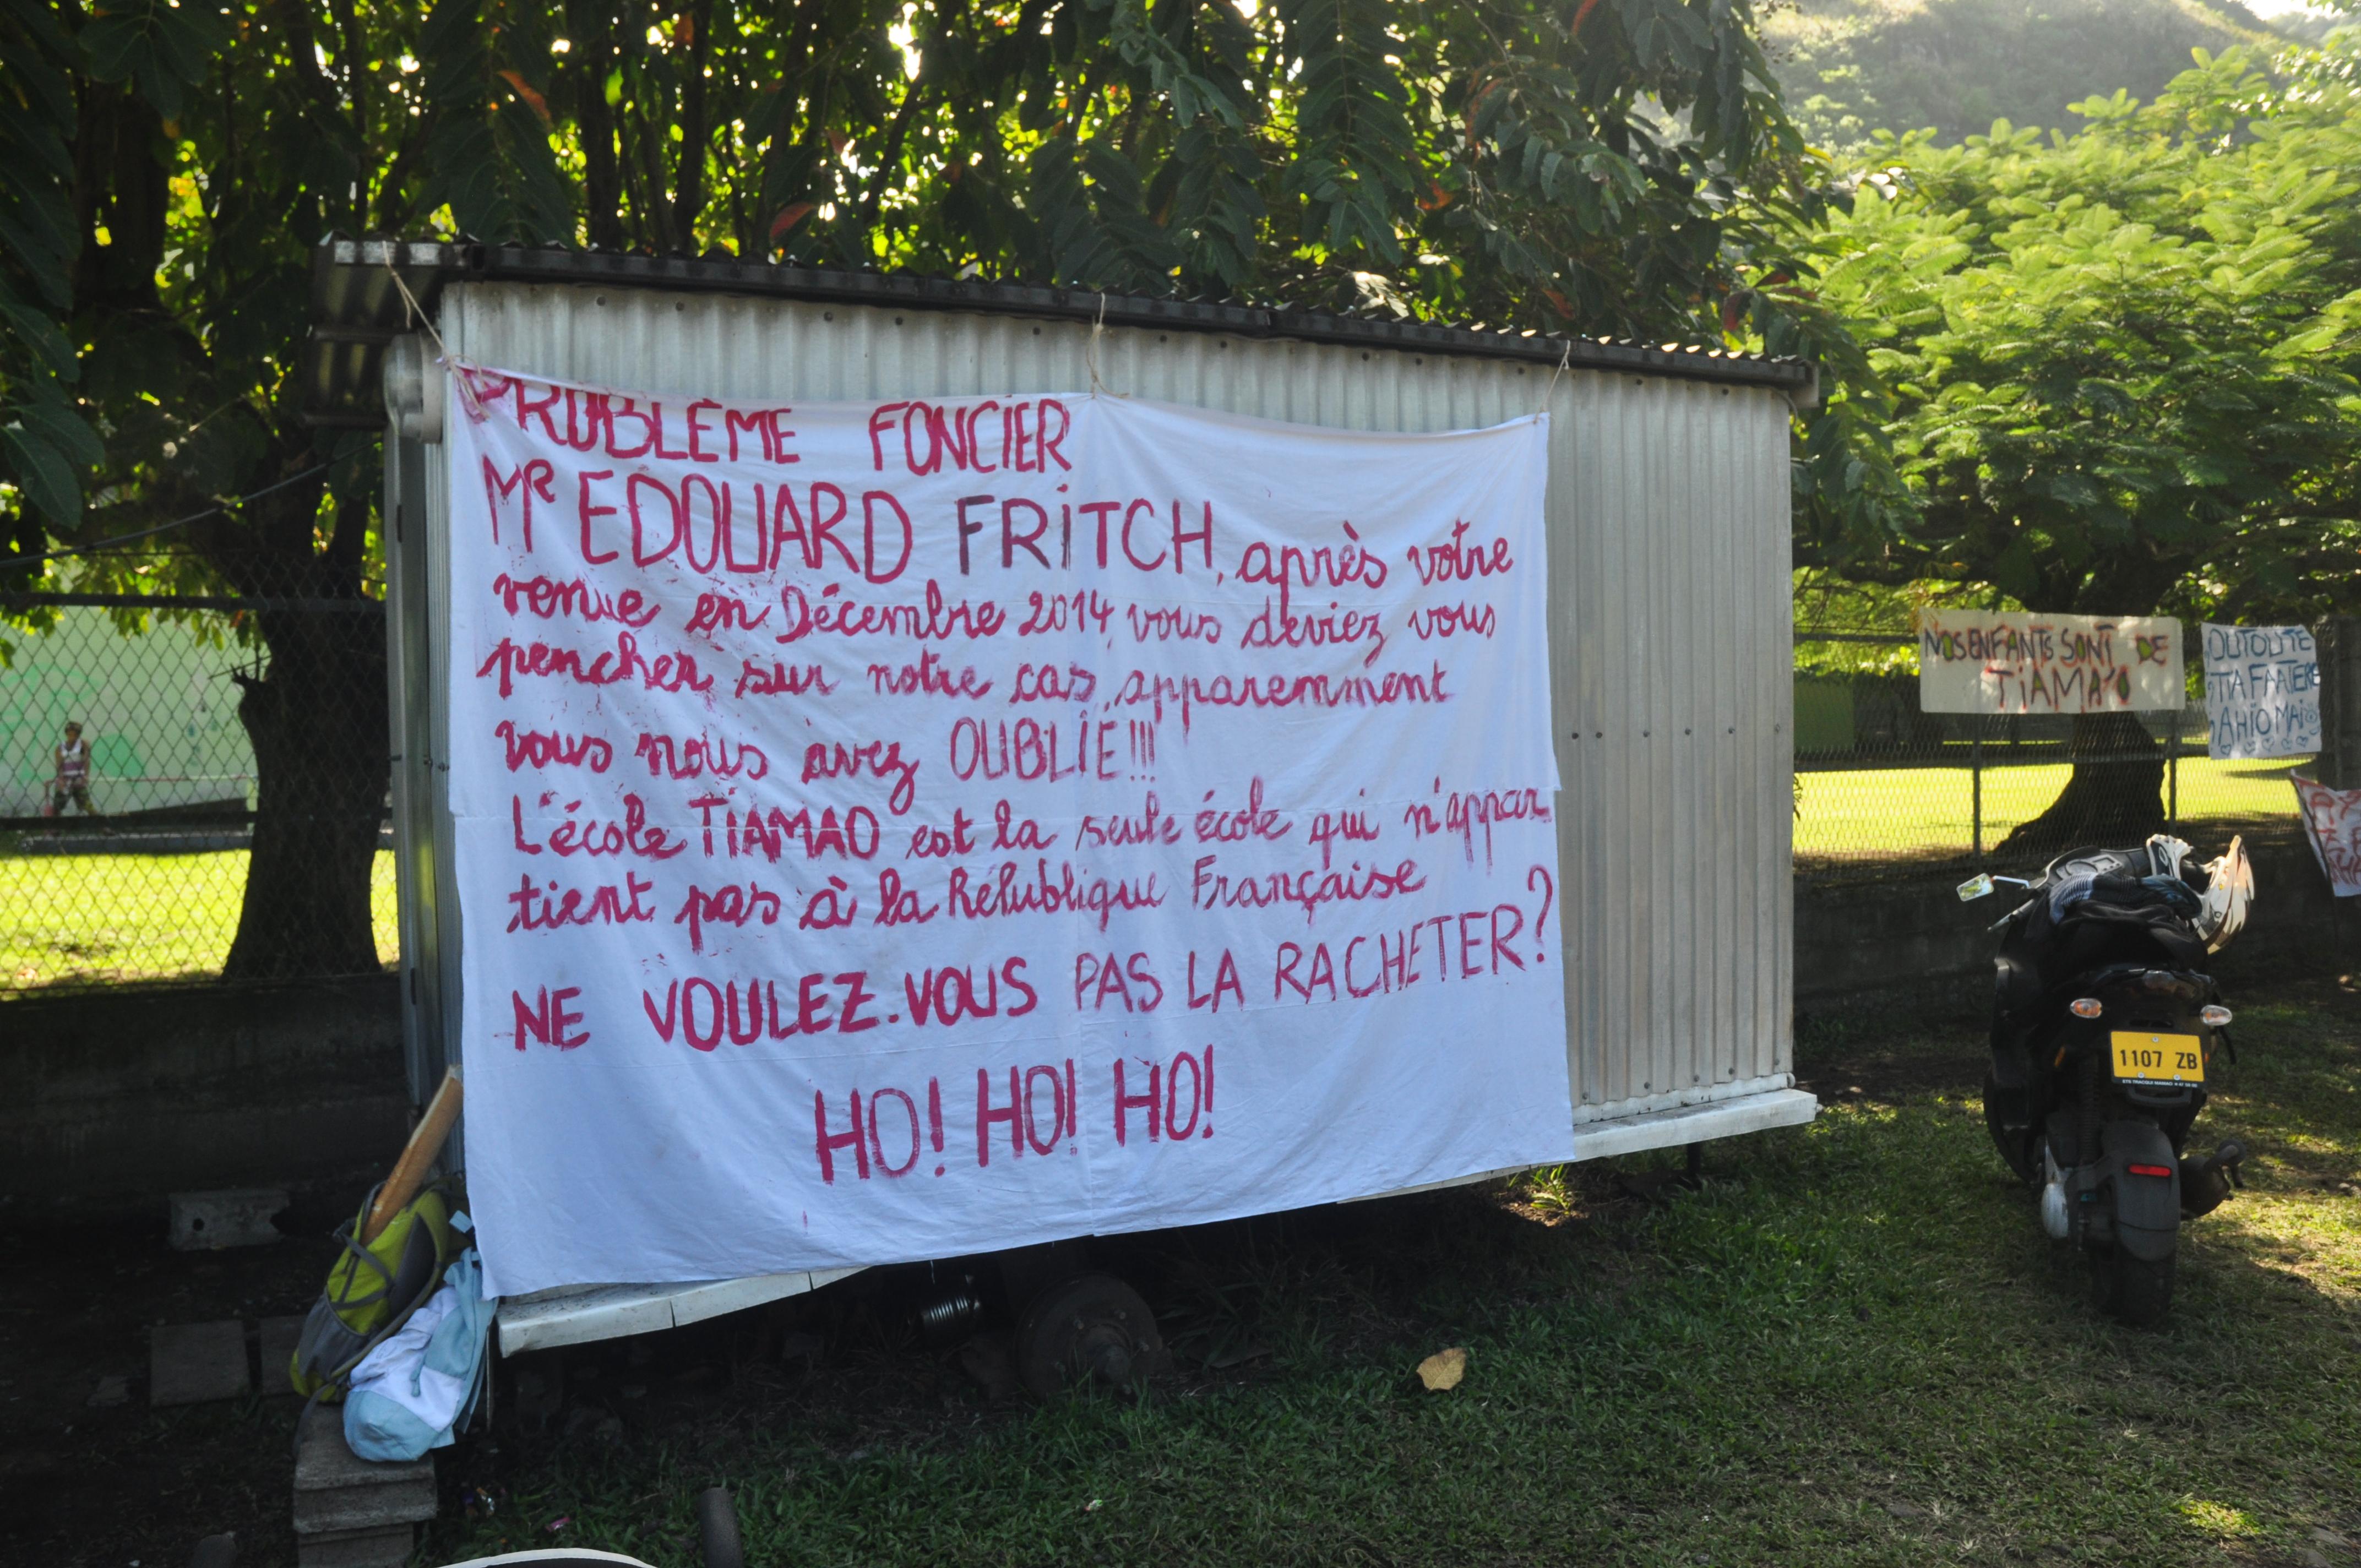 Monsieur Edouard Fritch (…) vous nous avez oublié!» pouvait-on lire sur cette banderole.